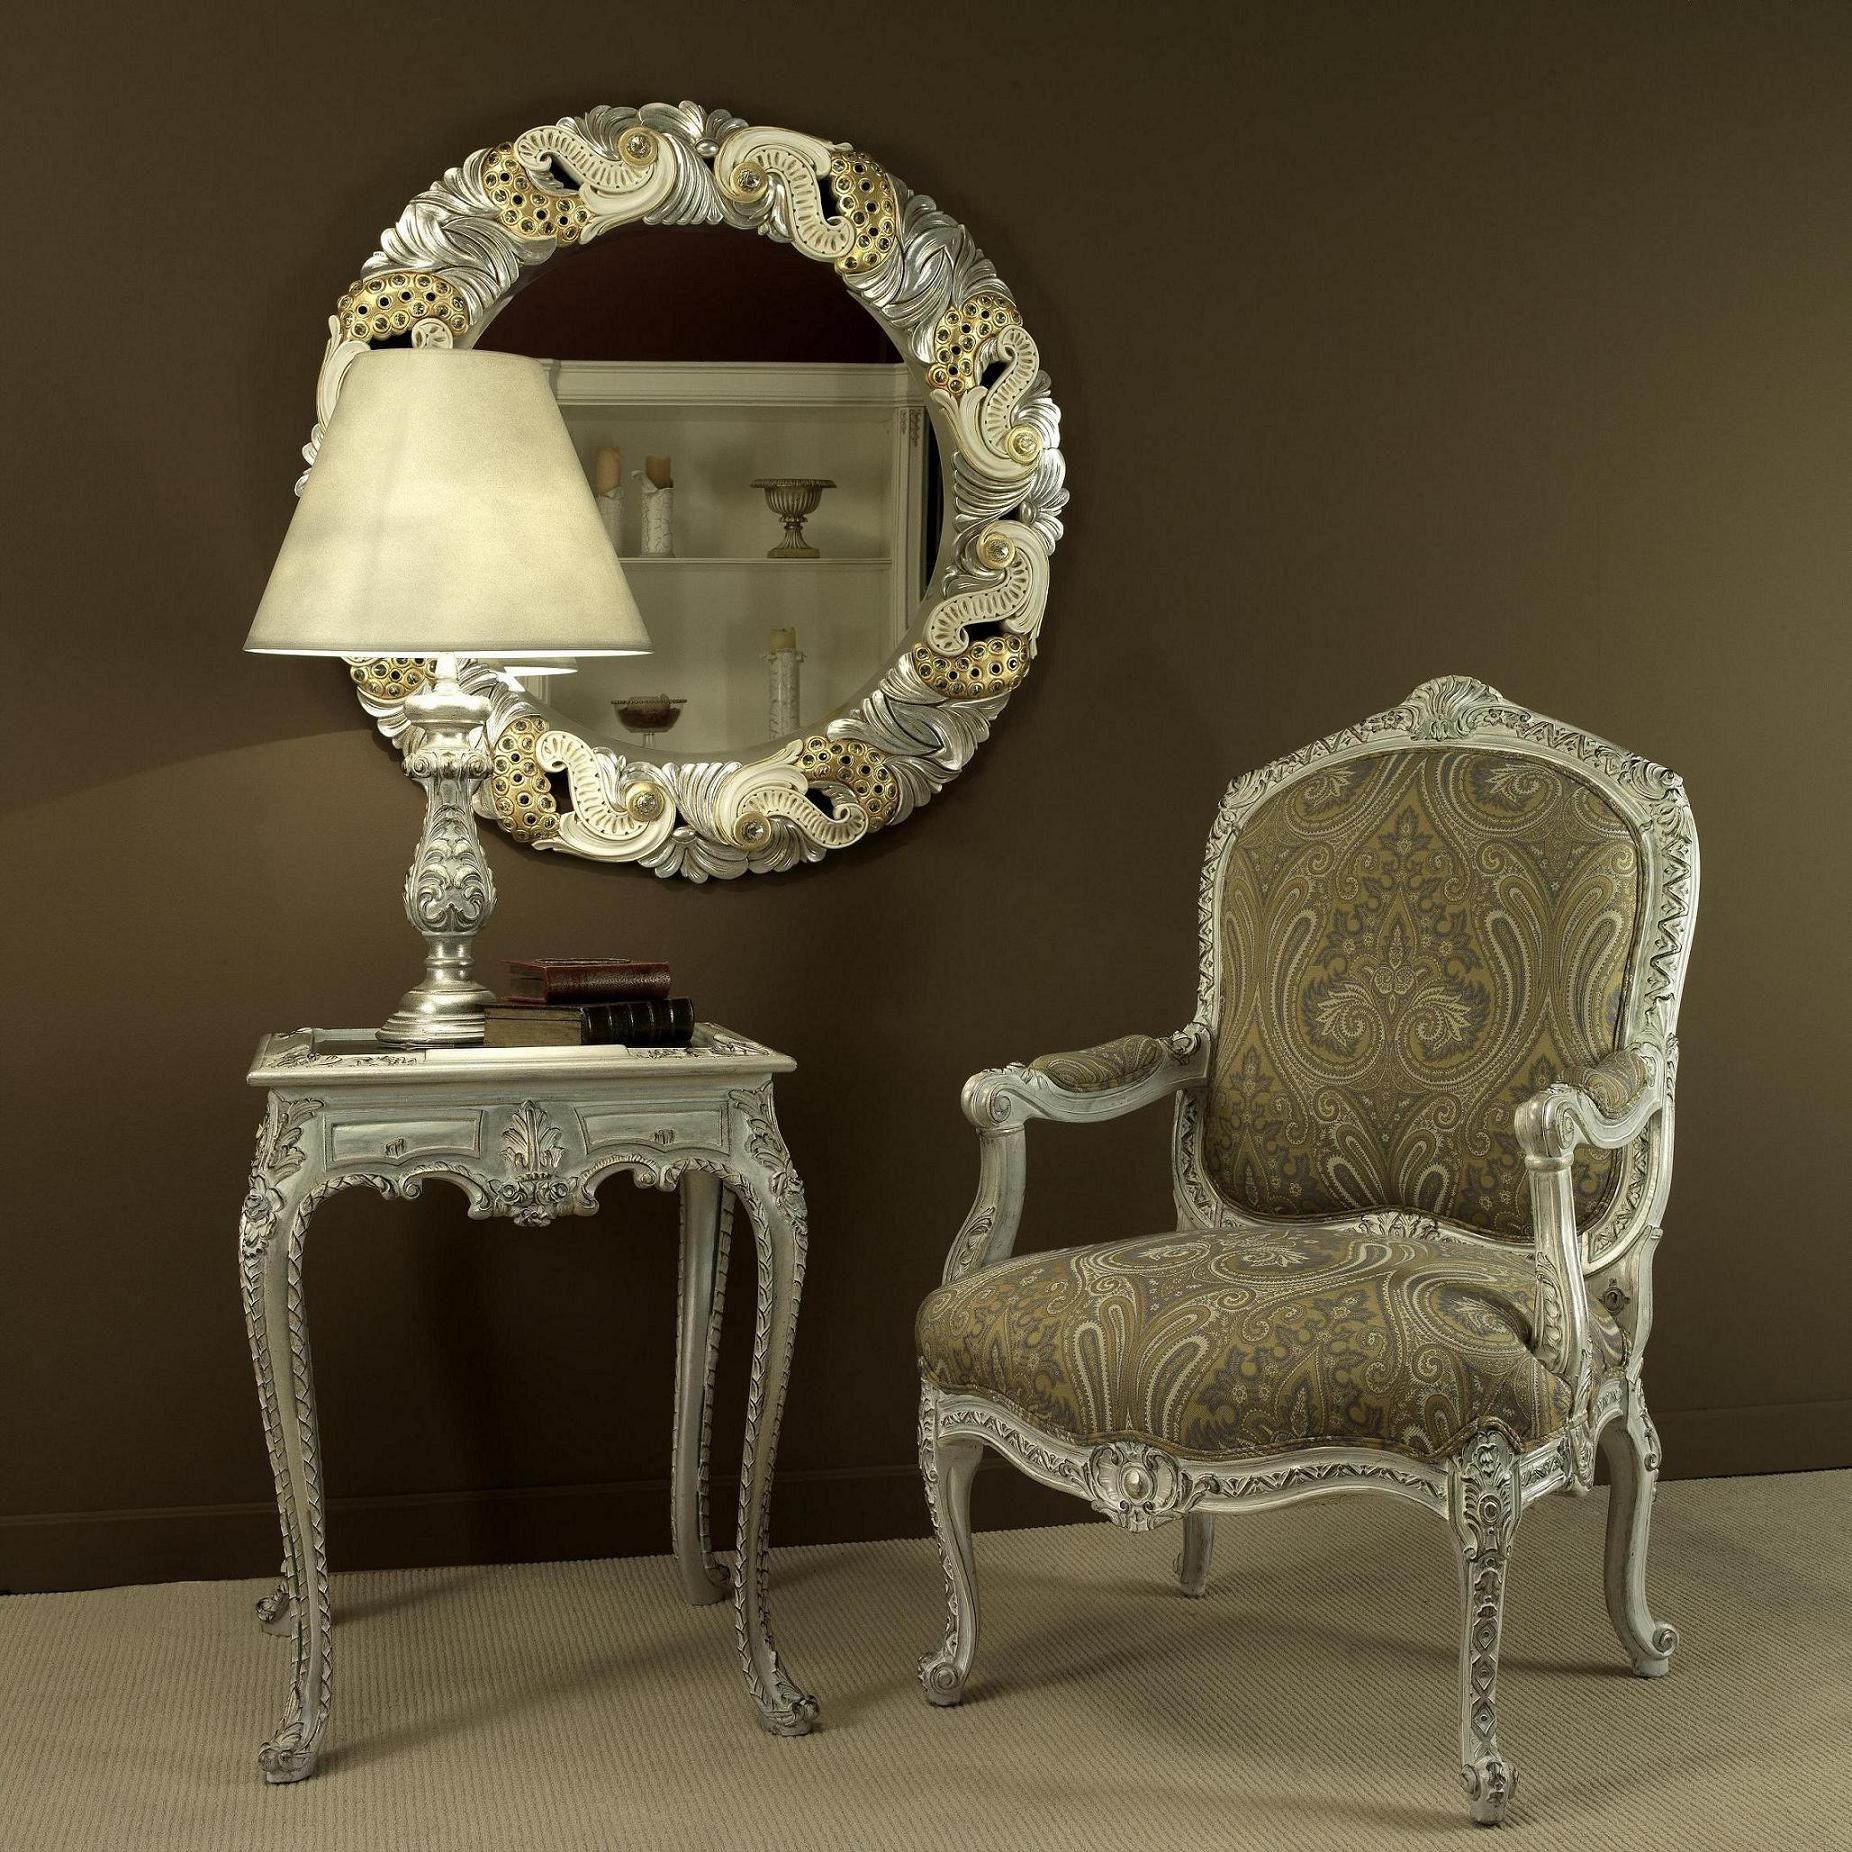 Mesita telefonera sill n y espejo tallados de estilo luis xv mueble luis xv y vintage - Fabricantes muebles lucena ...